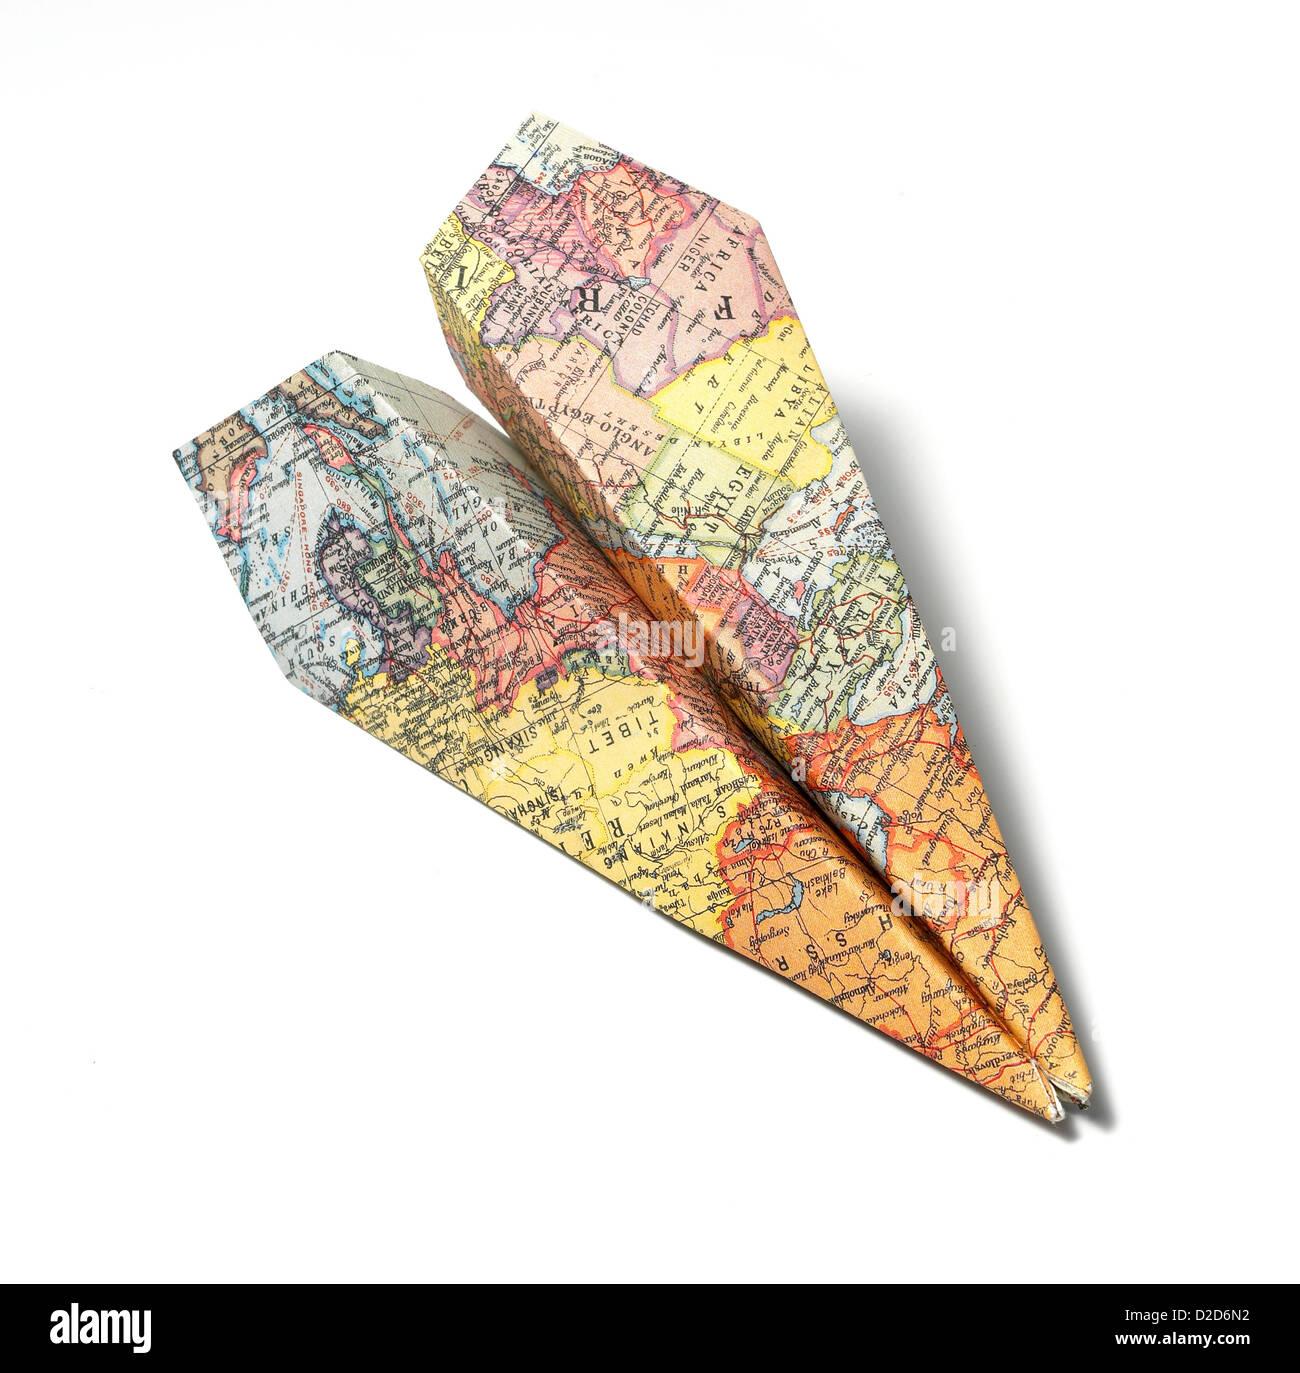 Mappa piegata come un aeroplano di carta ritagliata sullo sfondo bianco Immagini Stock